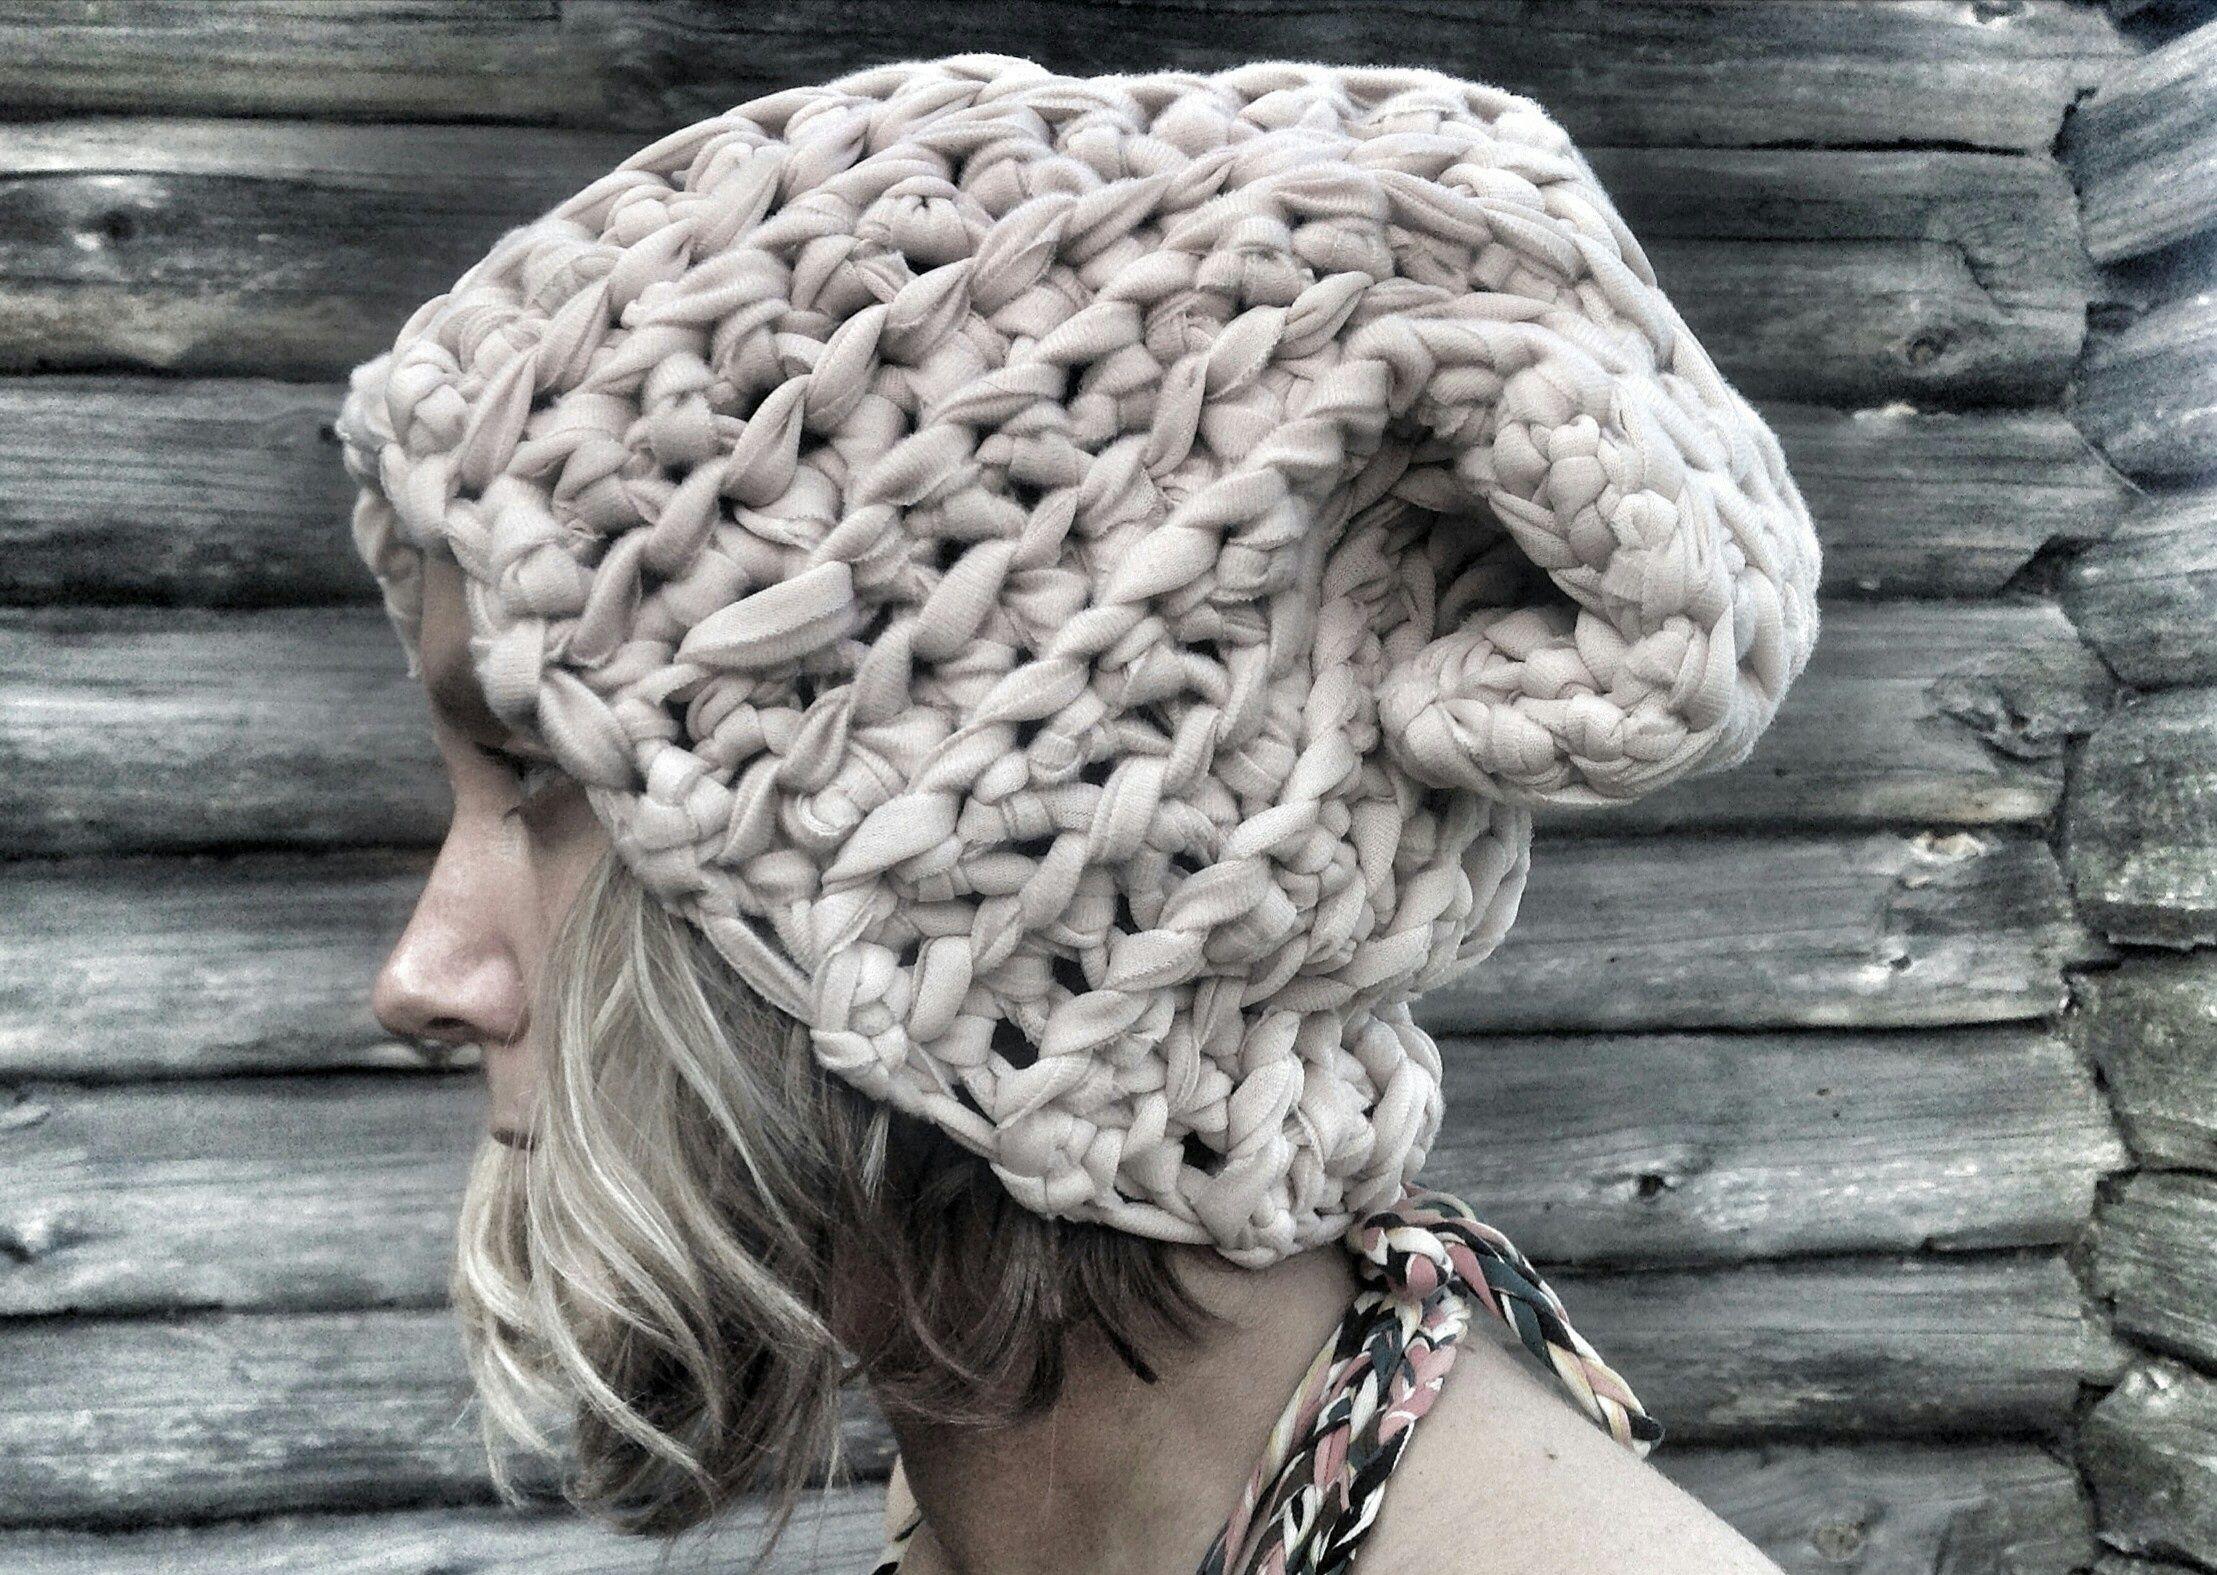 #tmidesign #hatdesign #hat #crochet #knithat #crochethat #knitwear #вязание #толстаяпряжа #clothes #clothesdesign #crochetdesign #crochetwear #bigcrochet #crochetart #крючок #дизайншапок #шапки #дизайнодежды #большойкрючок #knitwear #knitart #knitting